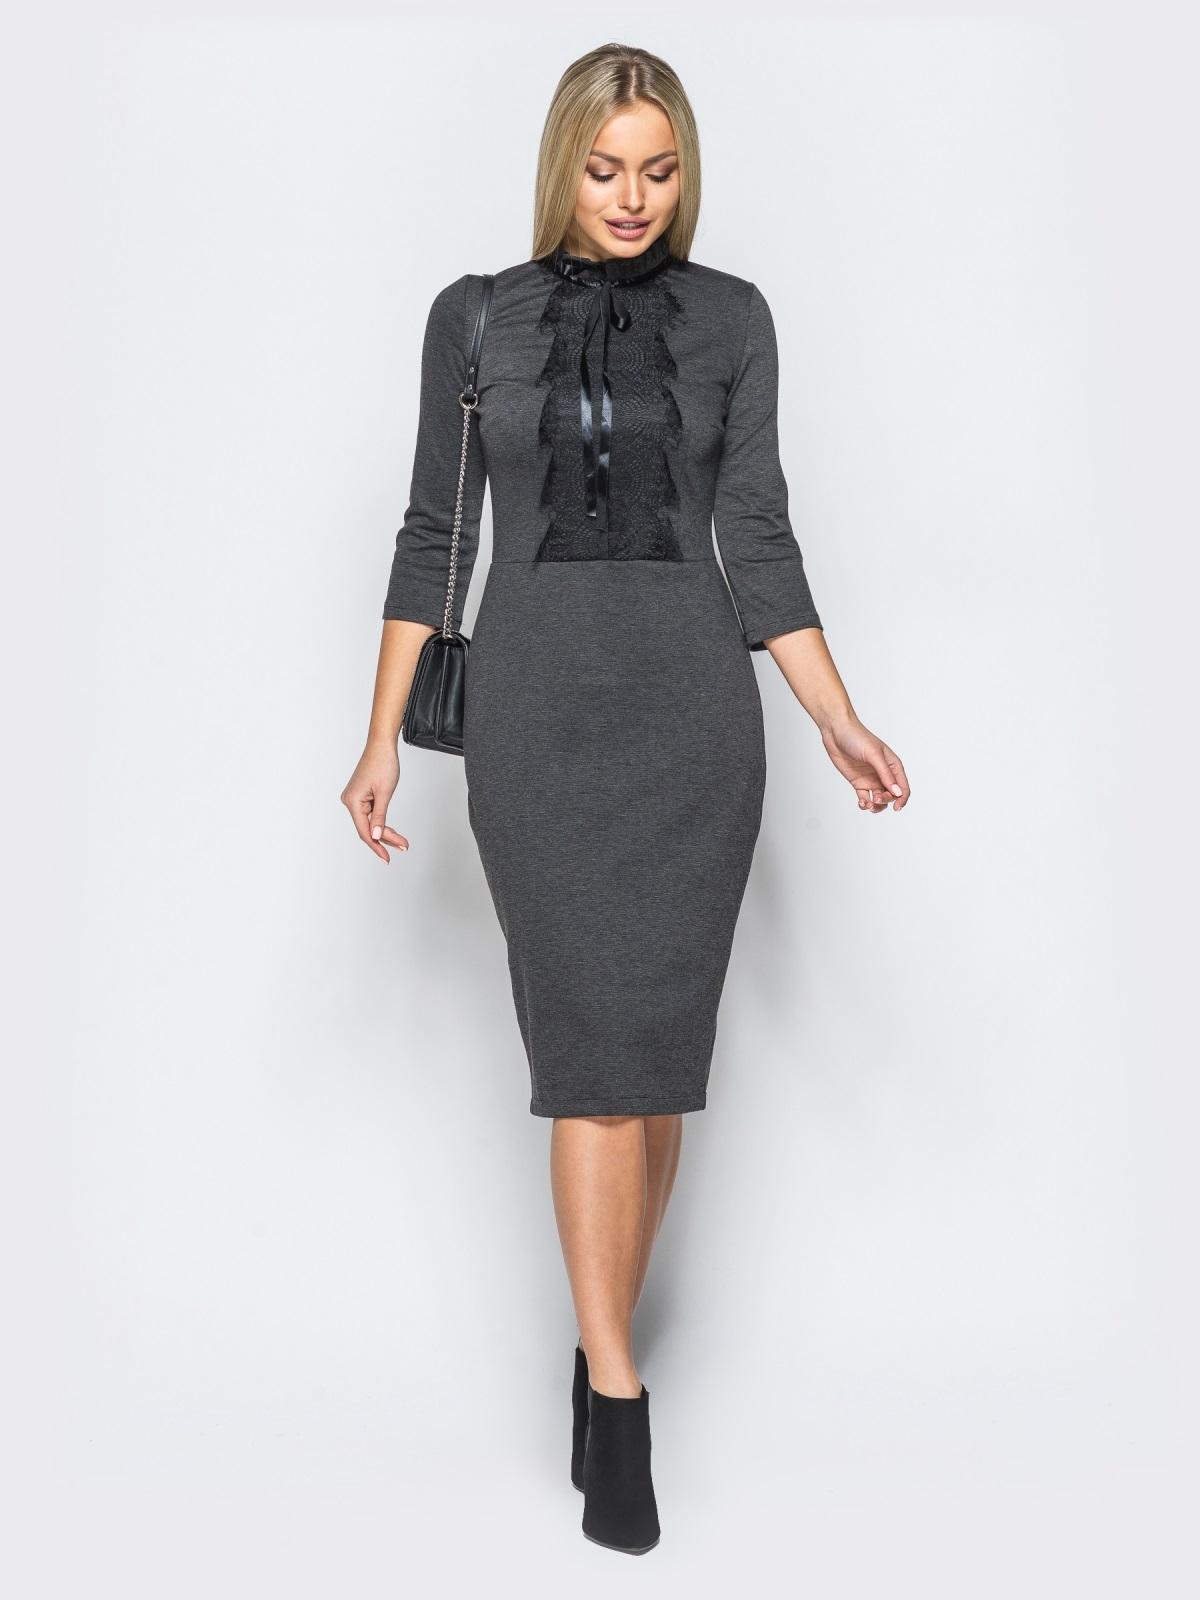 ddef8d98114 Трикотажное платье серого цвета с кружевом на полочке 17631 – купить ...